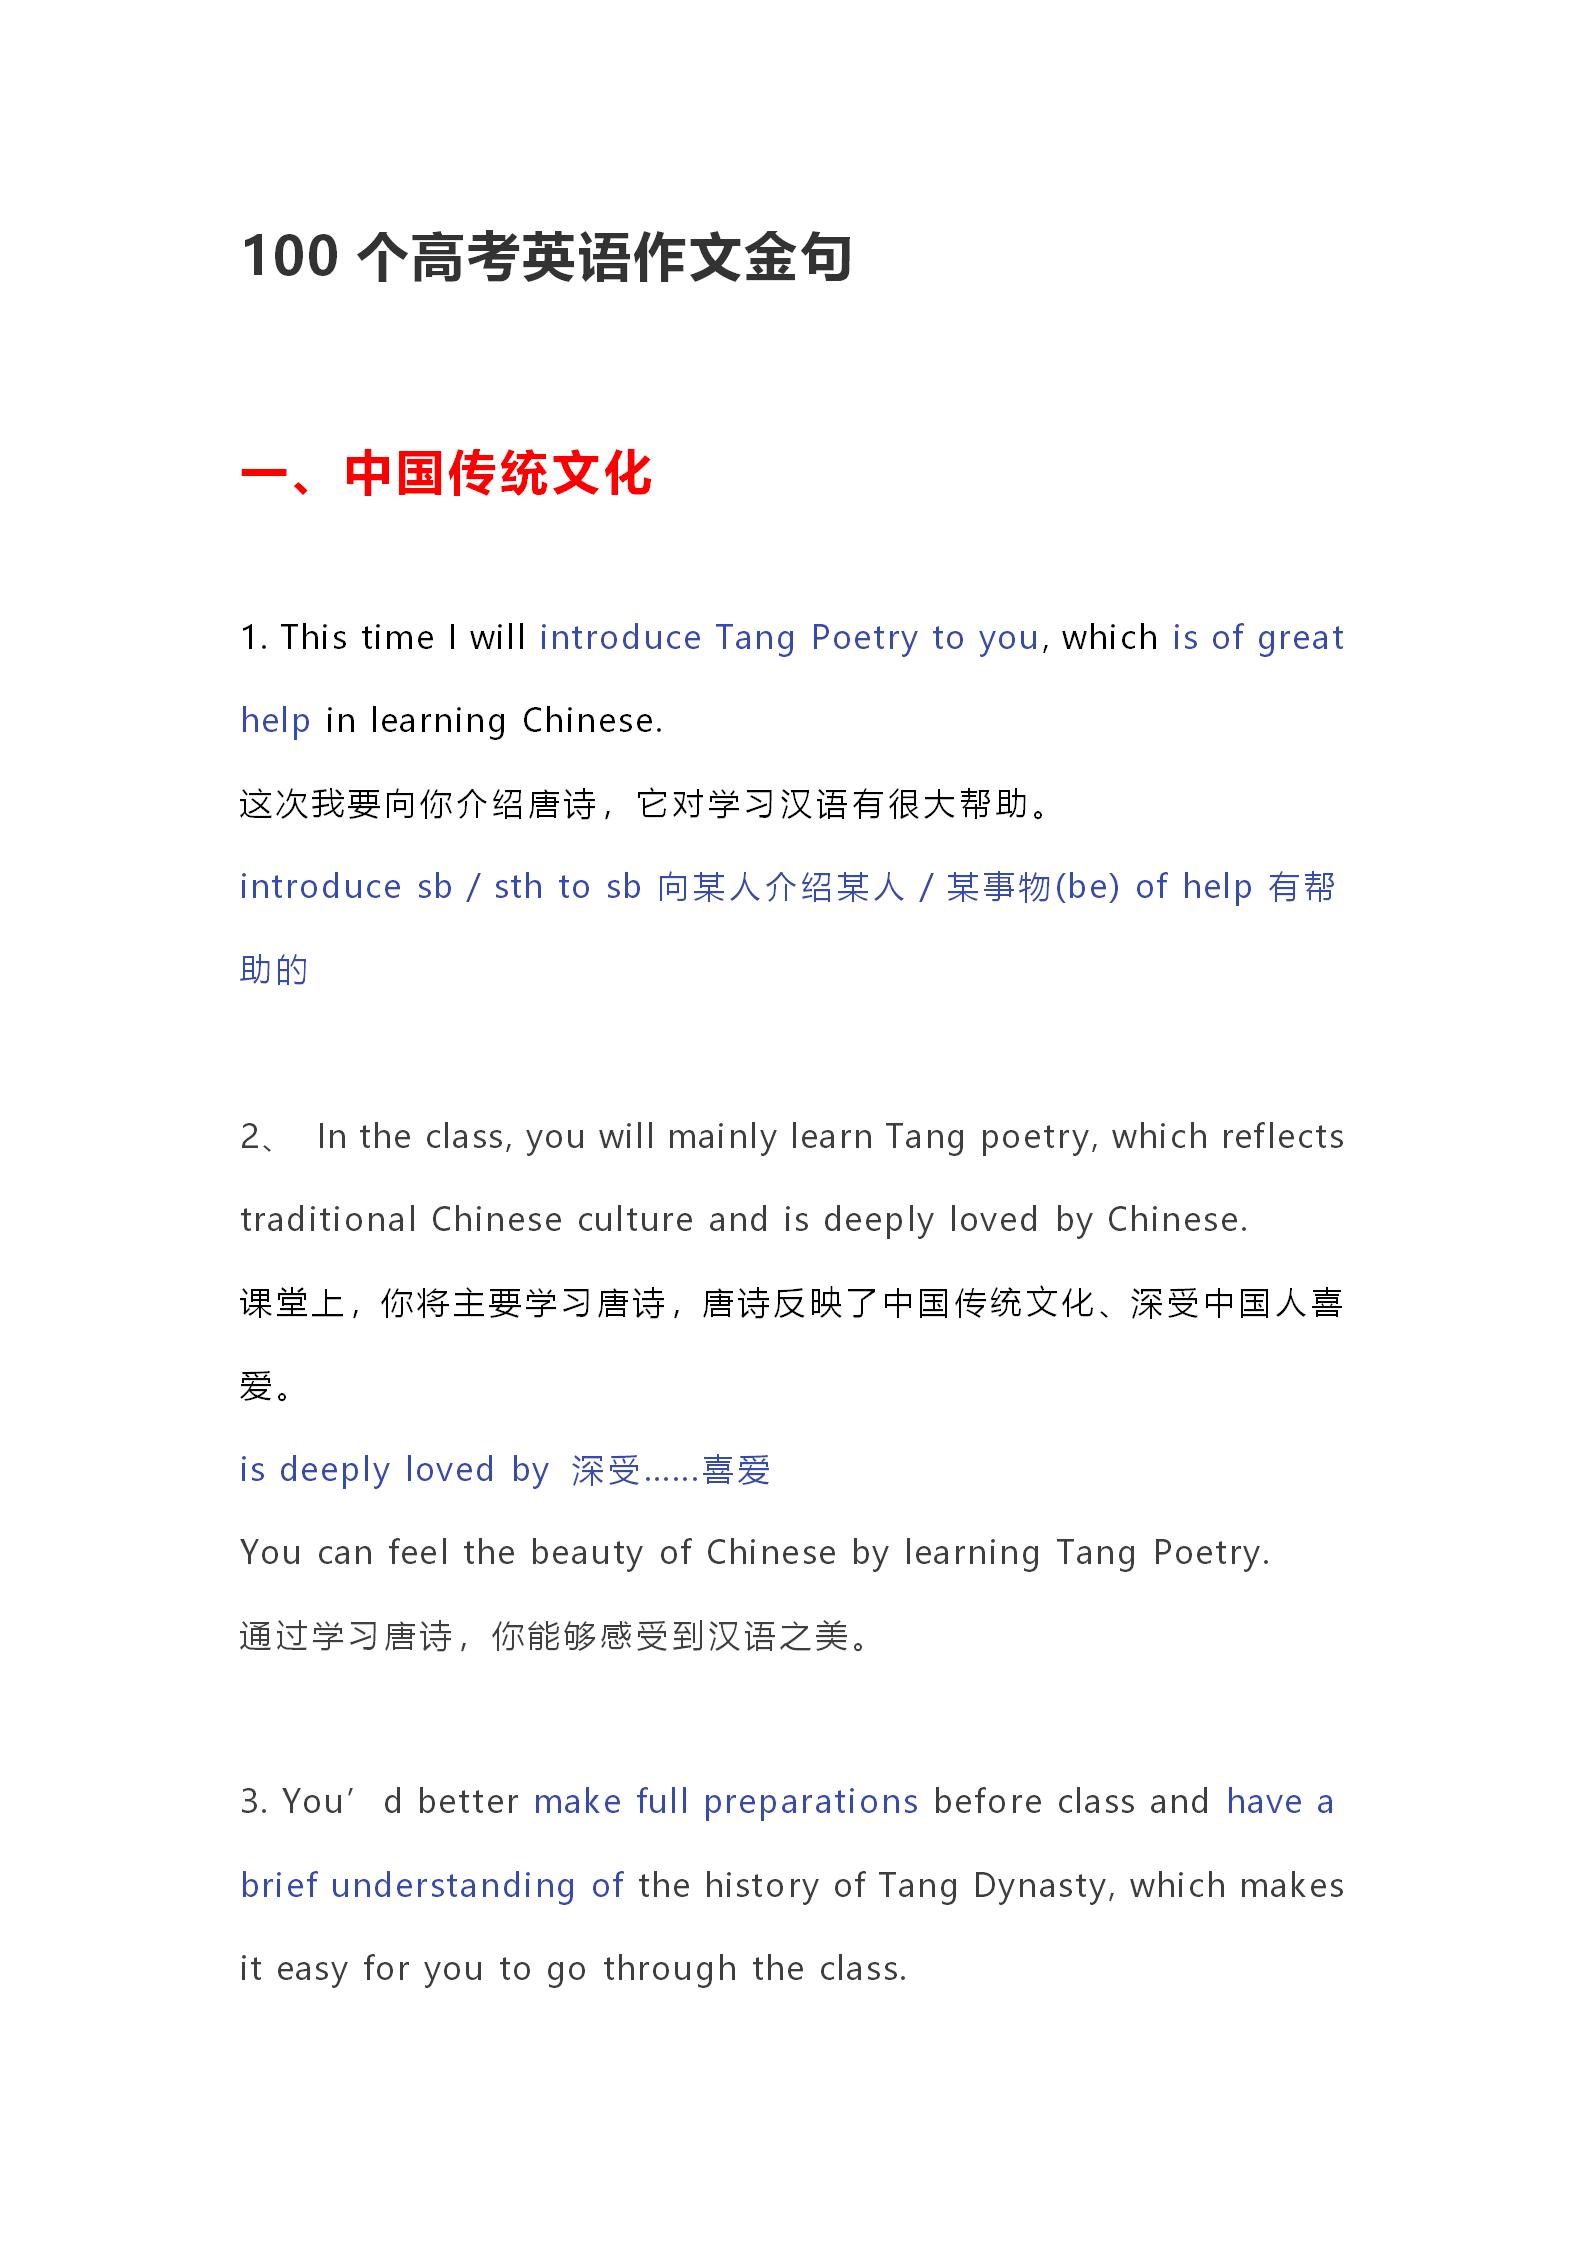 100个高考英语作文金句_01.png